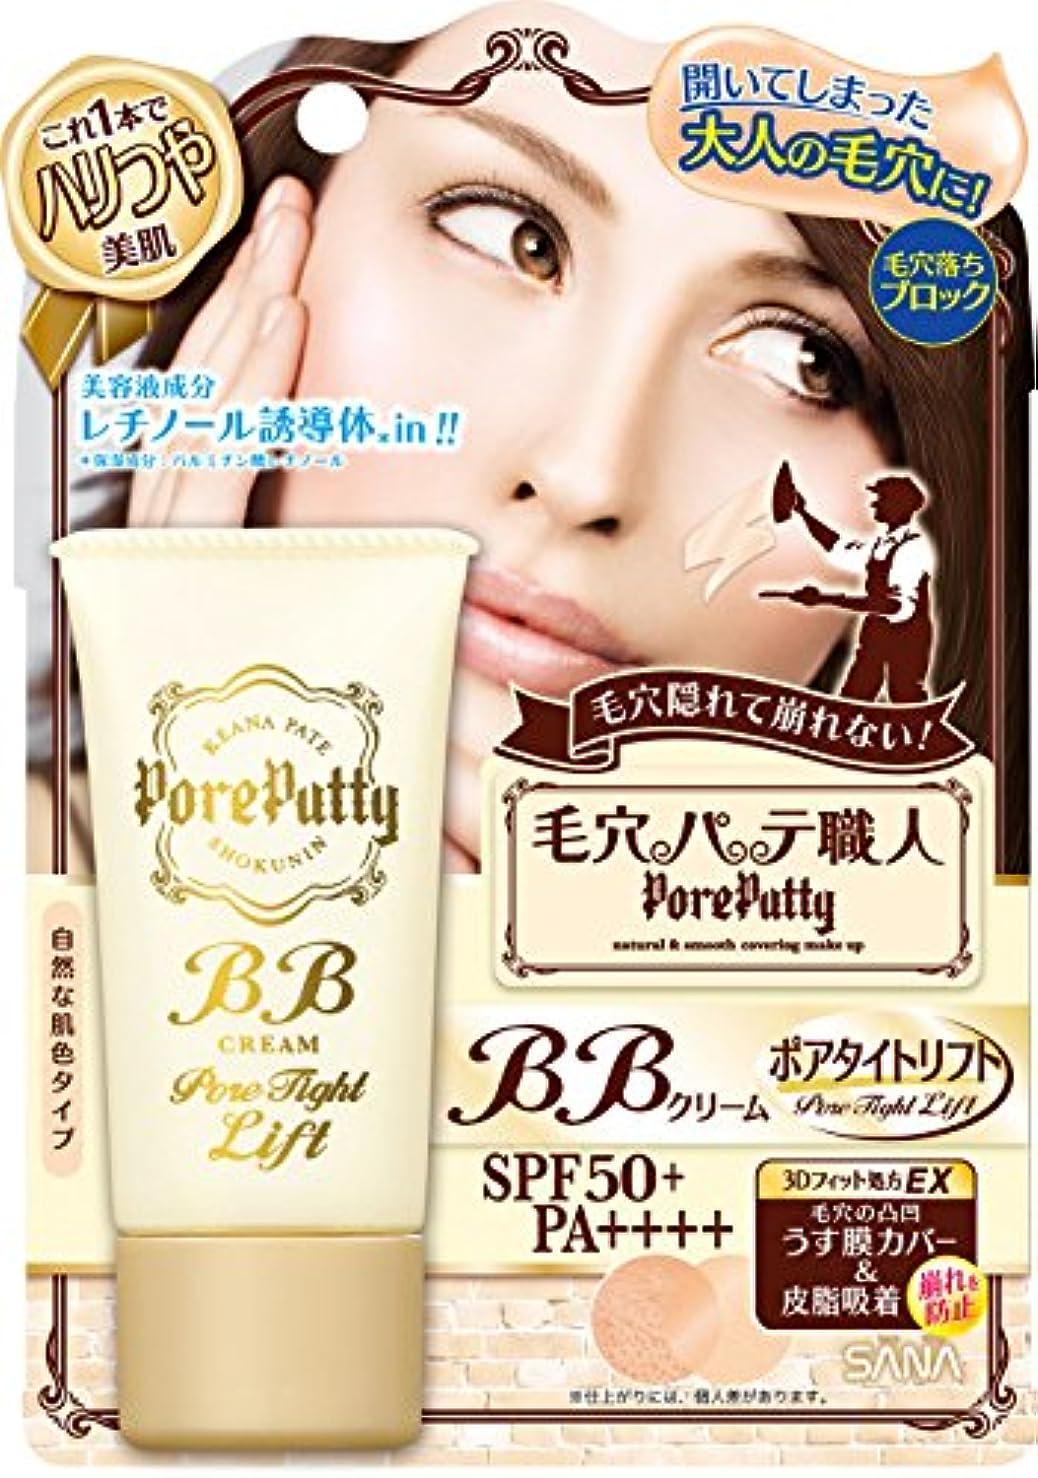 汚染されたいたずらな完全に毛穴パテ職人 BBクリーム ポアタイトリフト 自然な肌色 30g